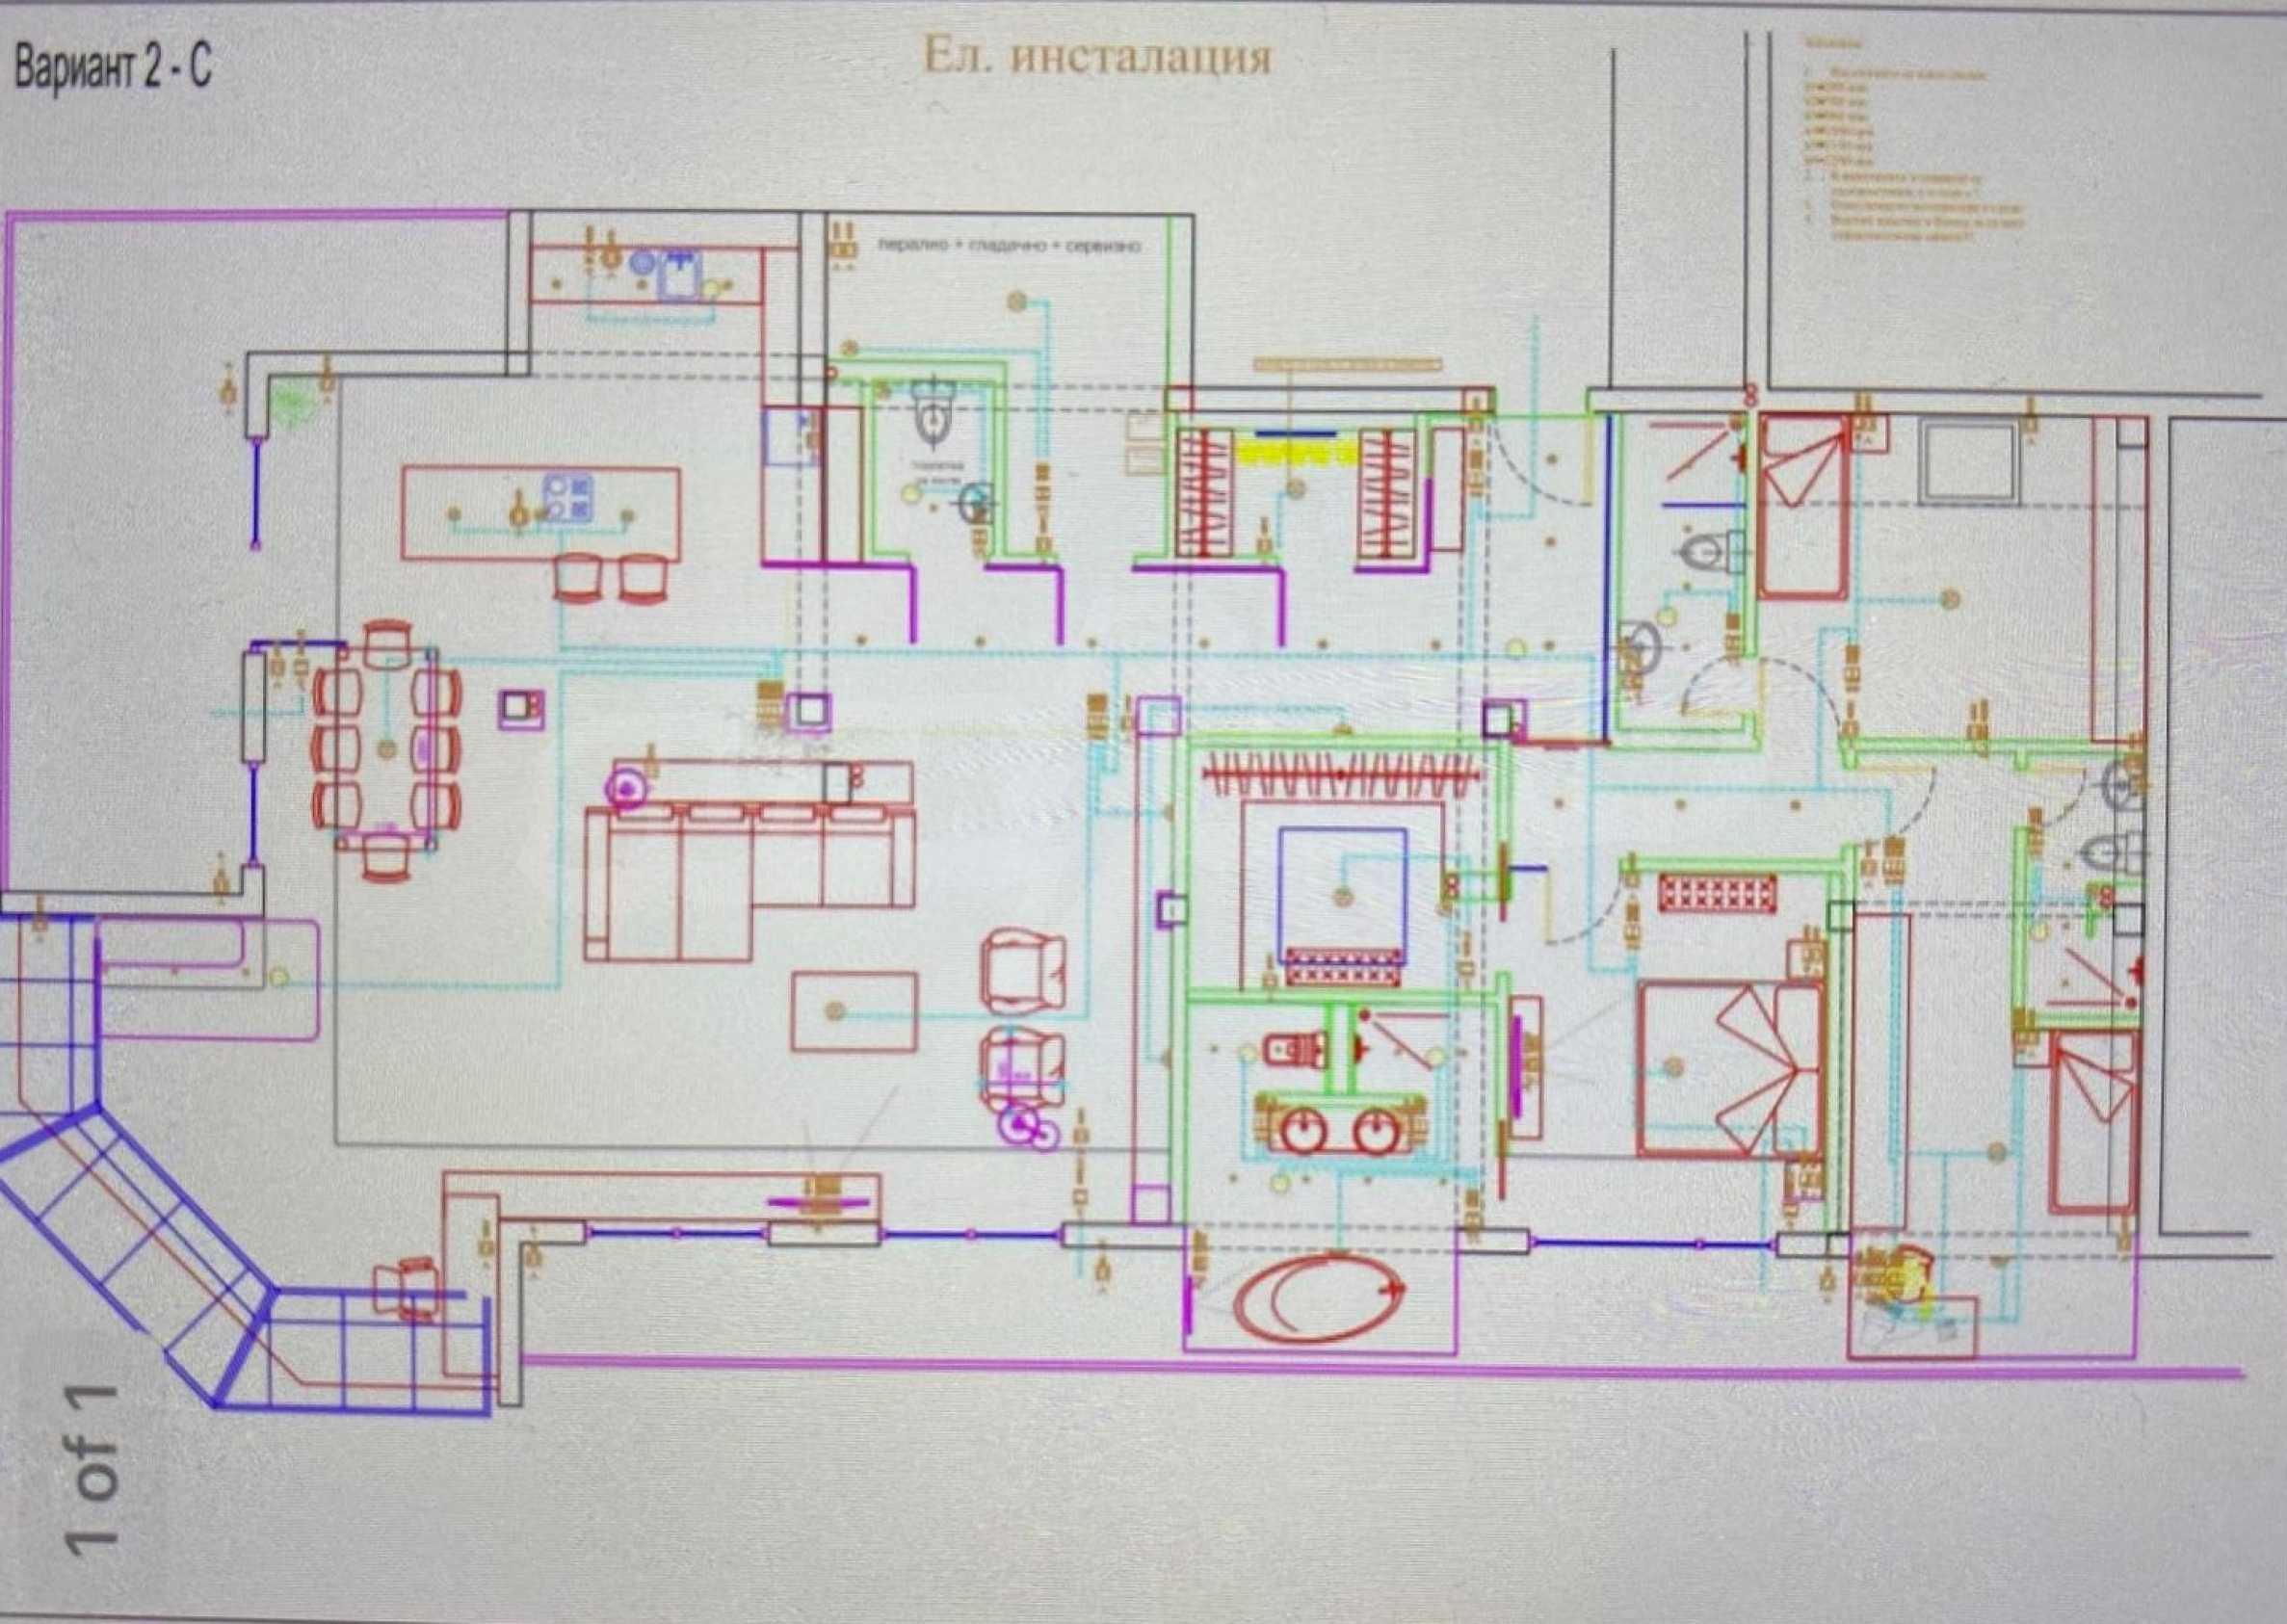 Пентхаус Diamond - дизайнерски имот с гледка море под наем в идеалния център 11